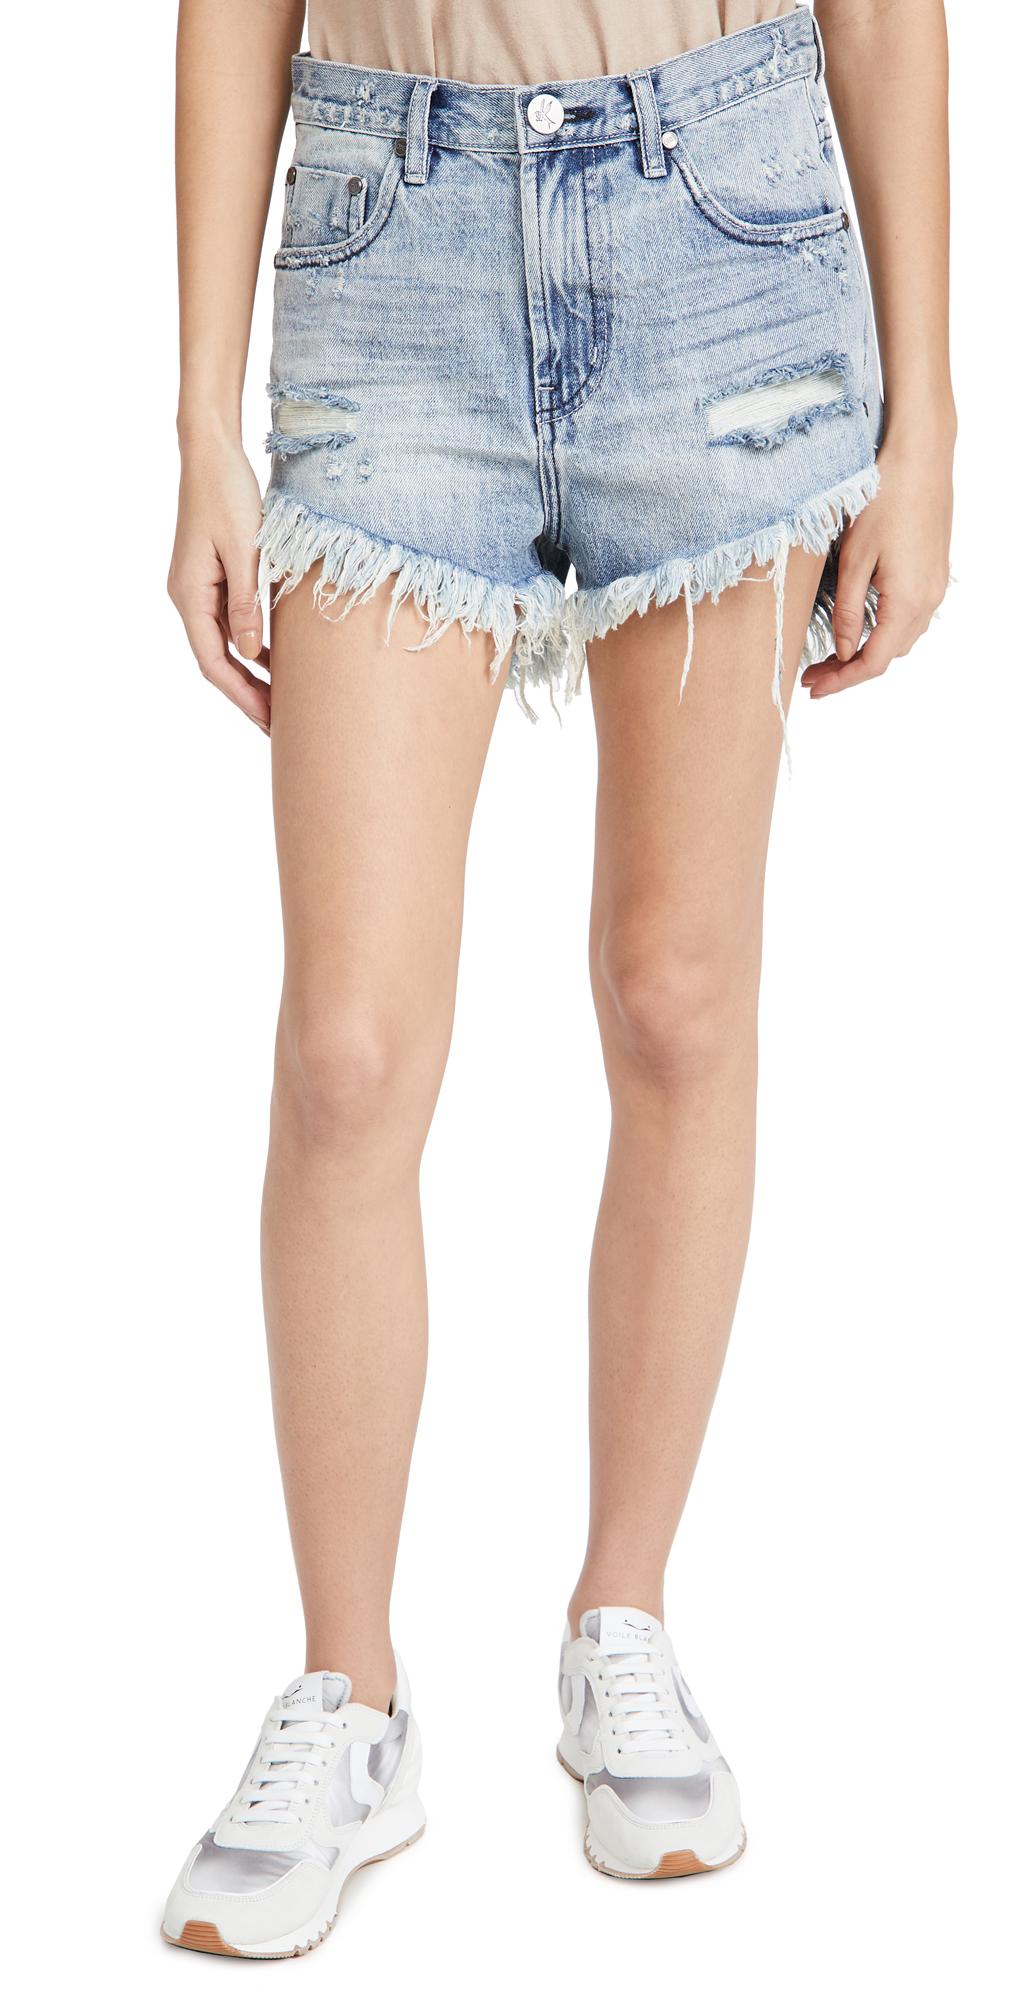 One Teaspoon Salty Dog Outlaws Mid Length Cutoff Denim Shorts